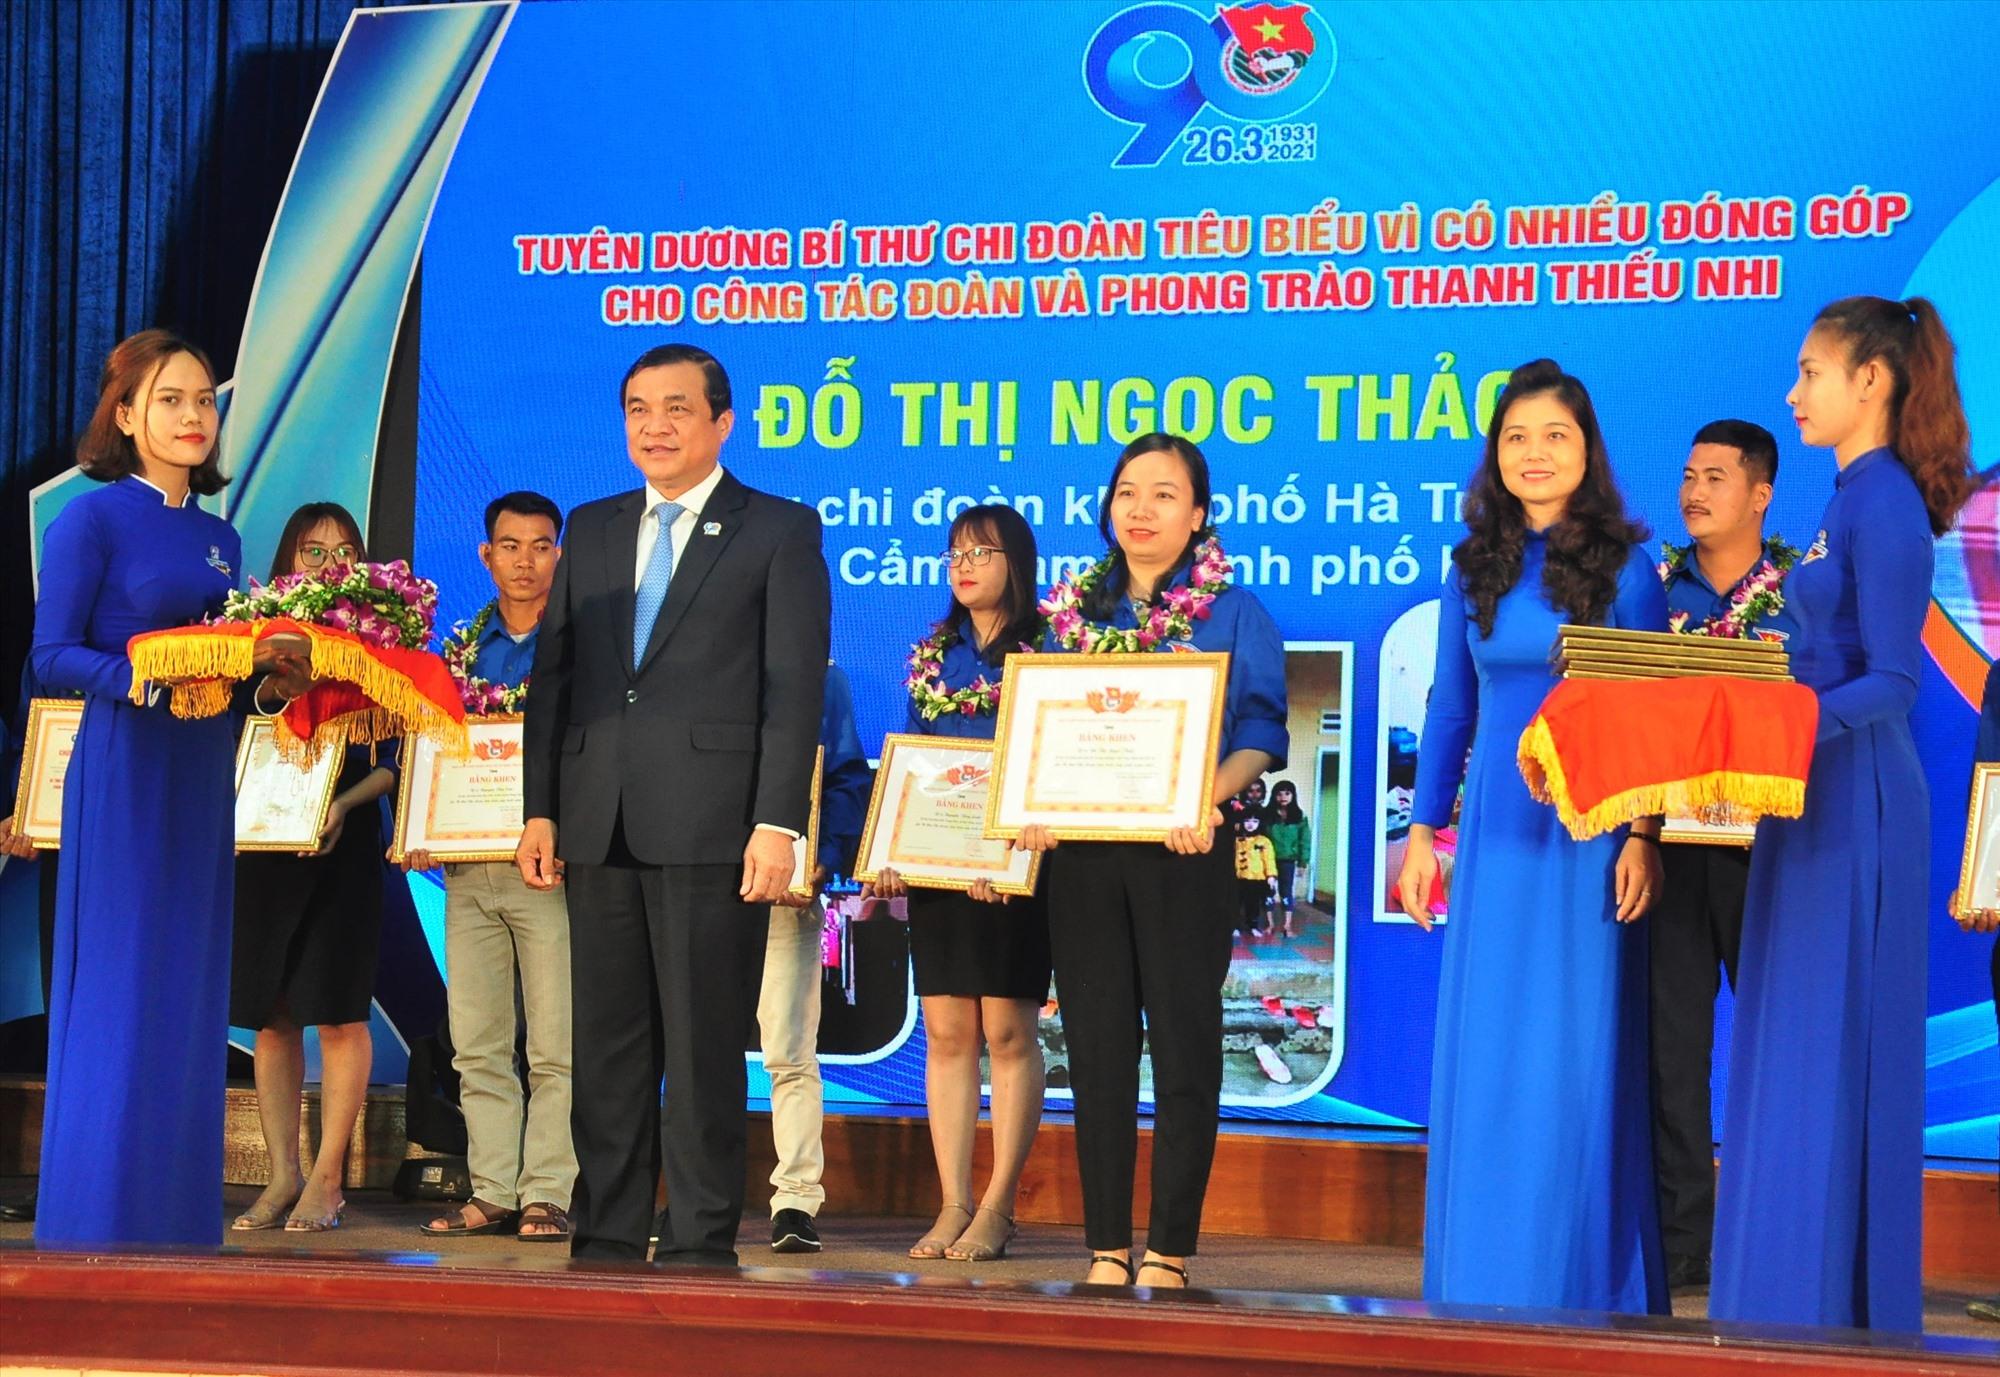 Bí thư Tỉnh ủy Phan Việt Cường trao bằng khen các bí thư chi đoàn tiêu biểu nhân kỷ niệm 90 năm thành lập Đoàn. Ảnh: VINH ANH